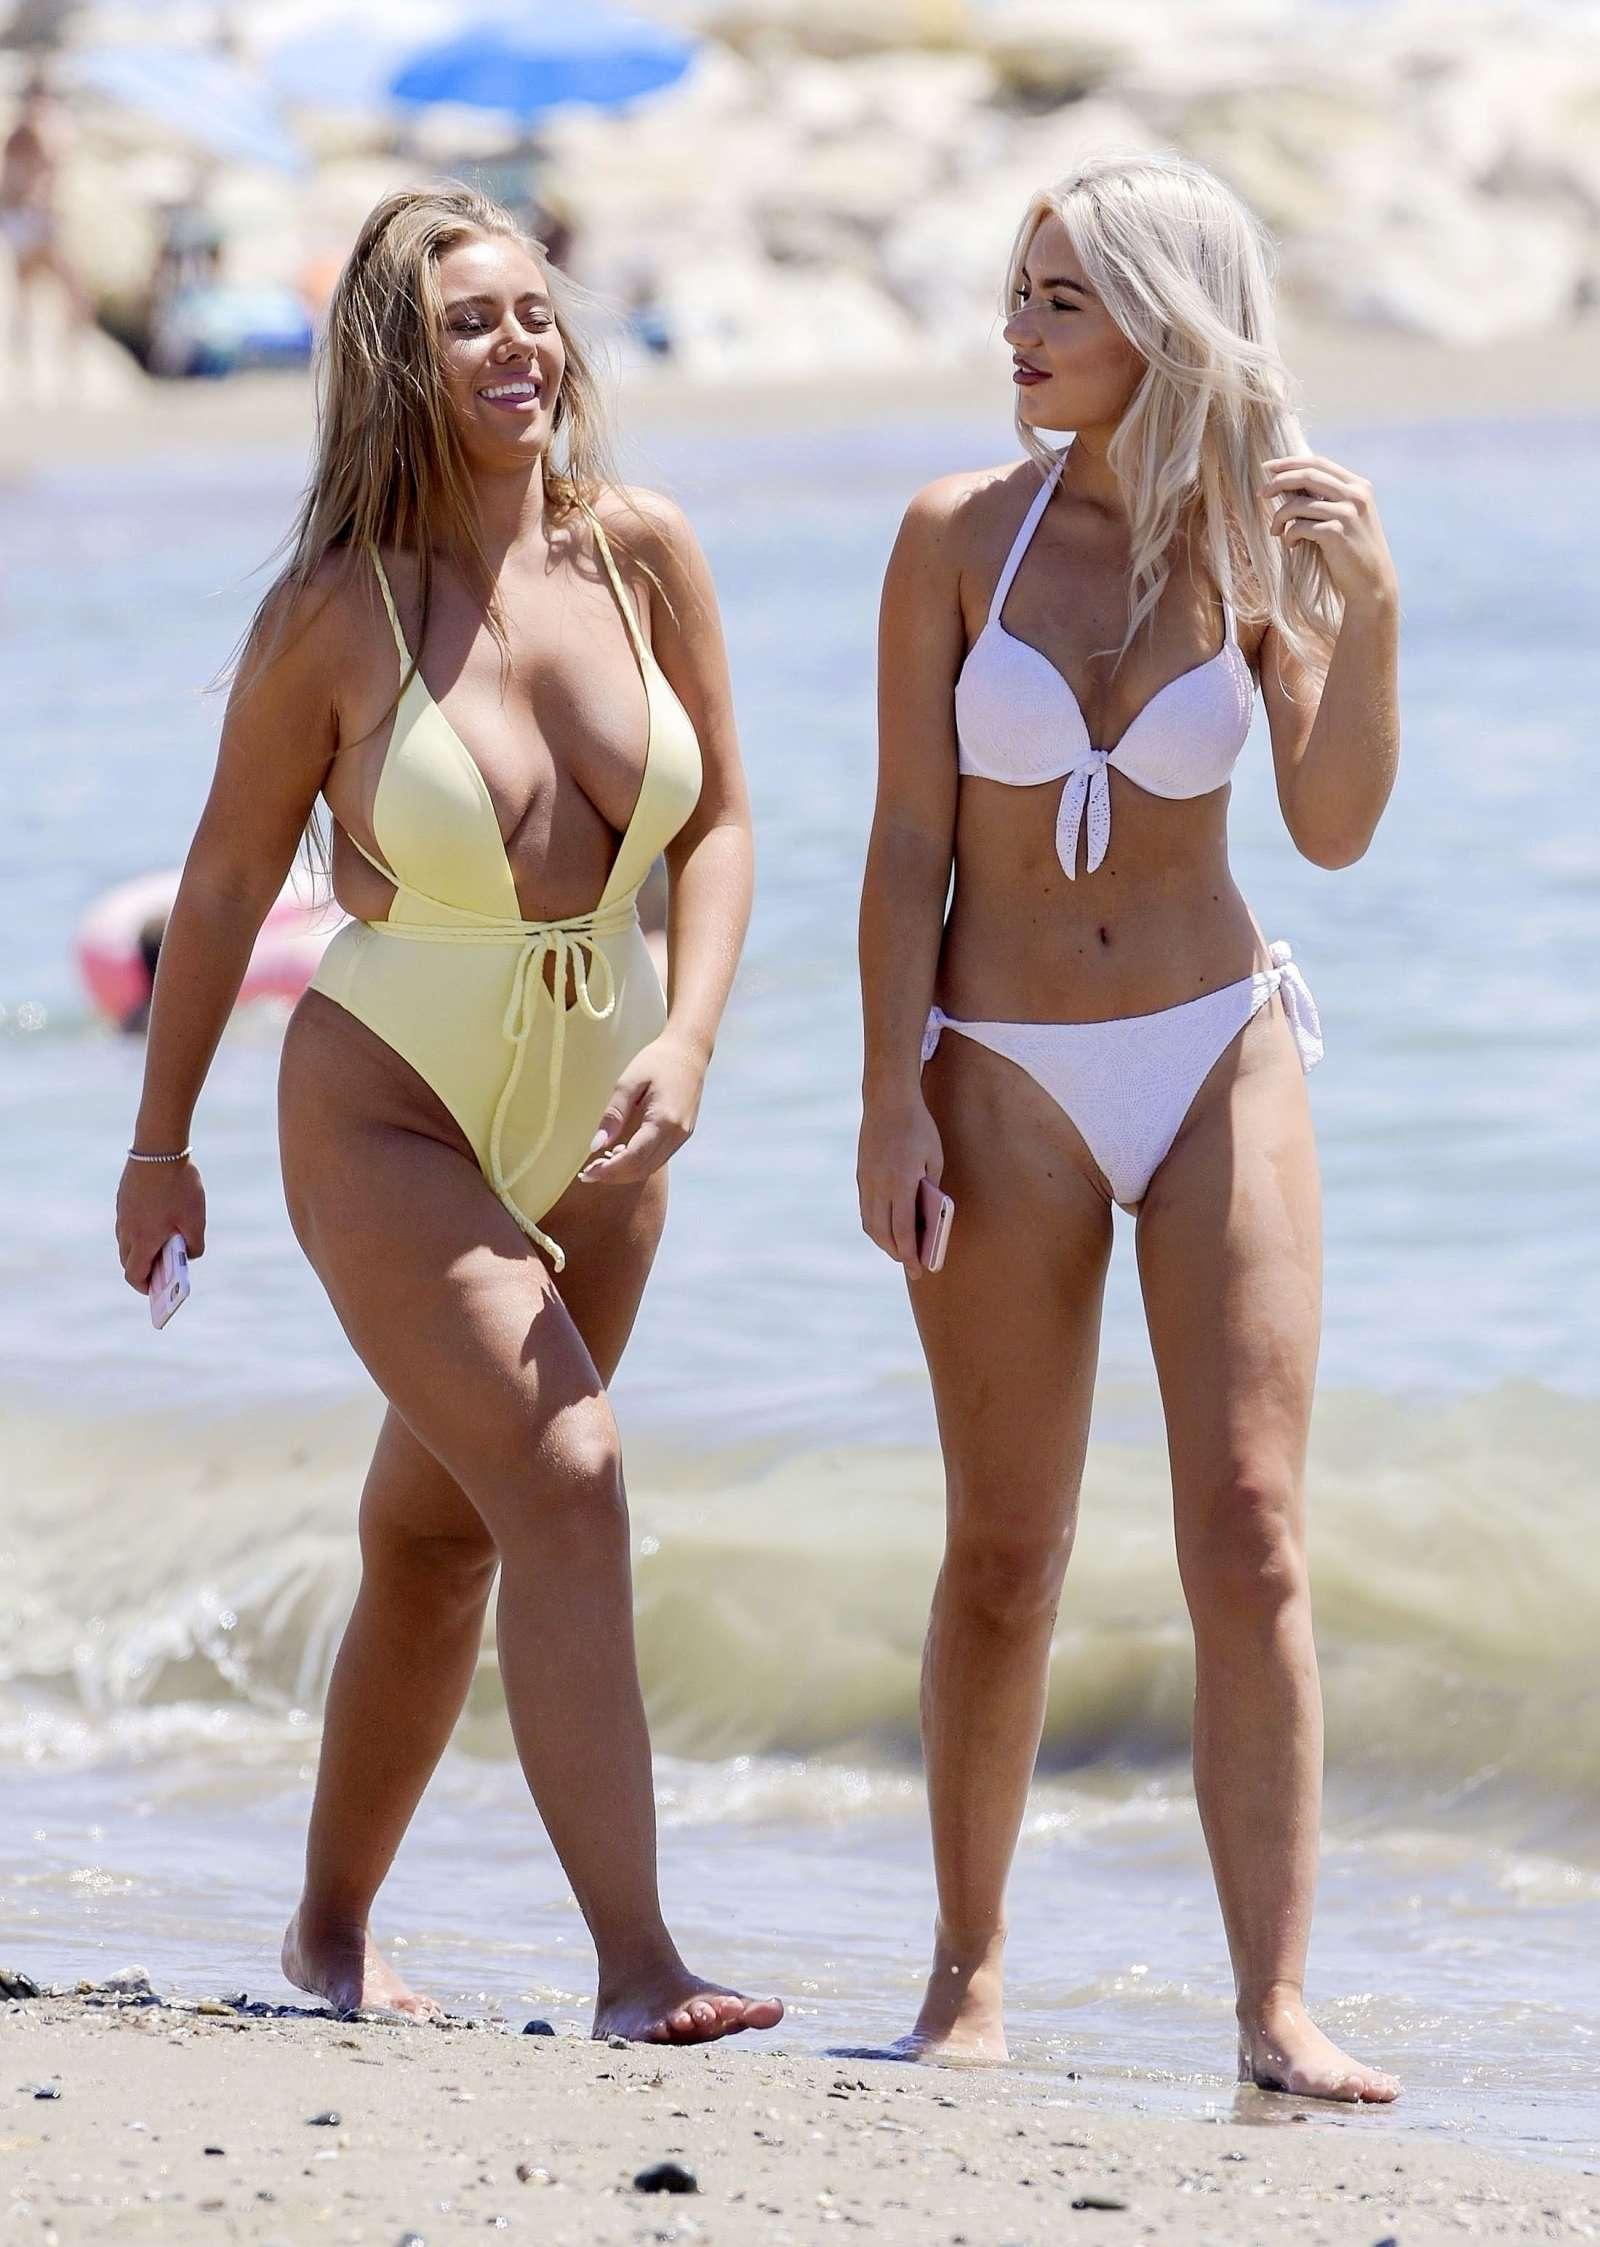 Bikini Chyna Ellis nude (11 foto and video), Pussy, Bikini, Boobs, panties 2019